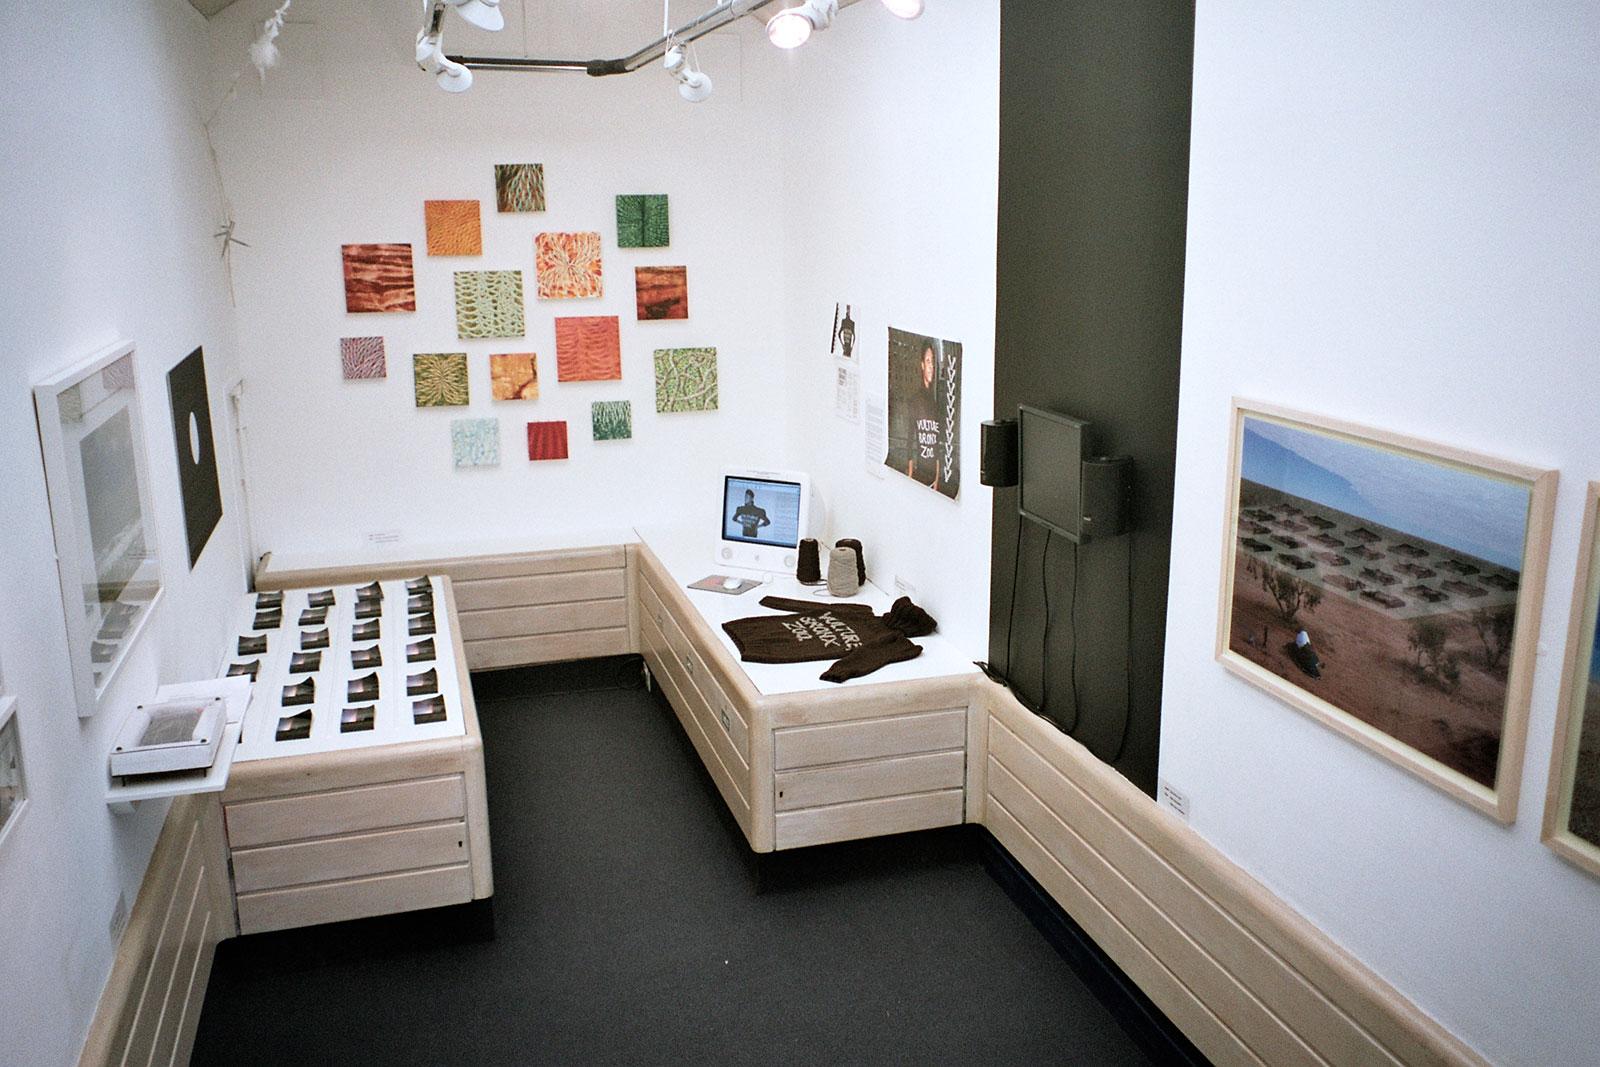 TGOZ exhibition 3